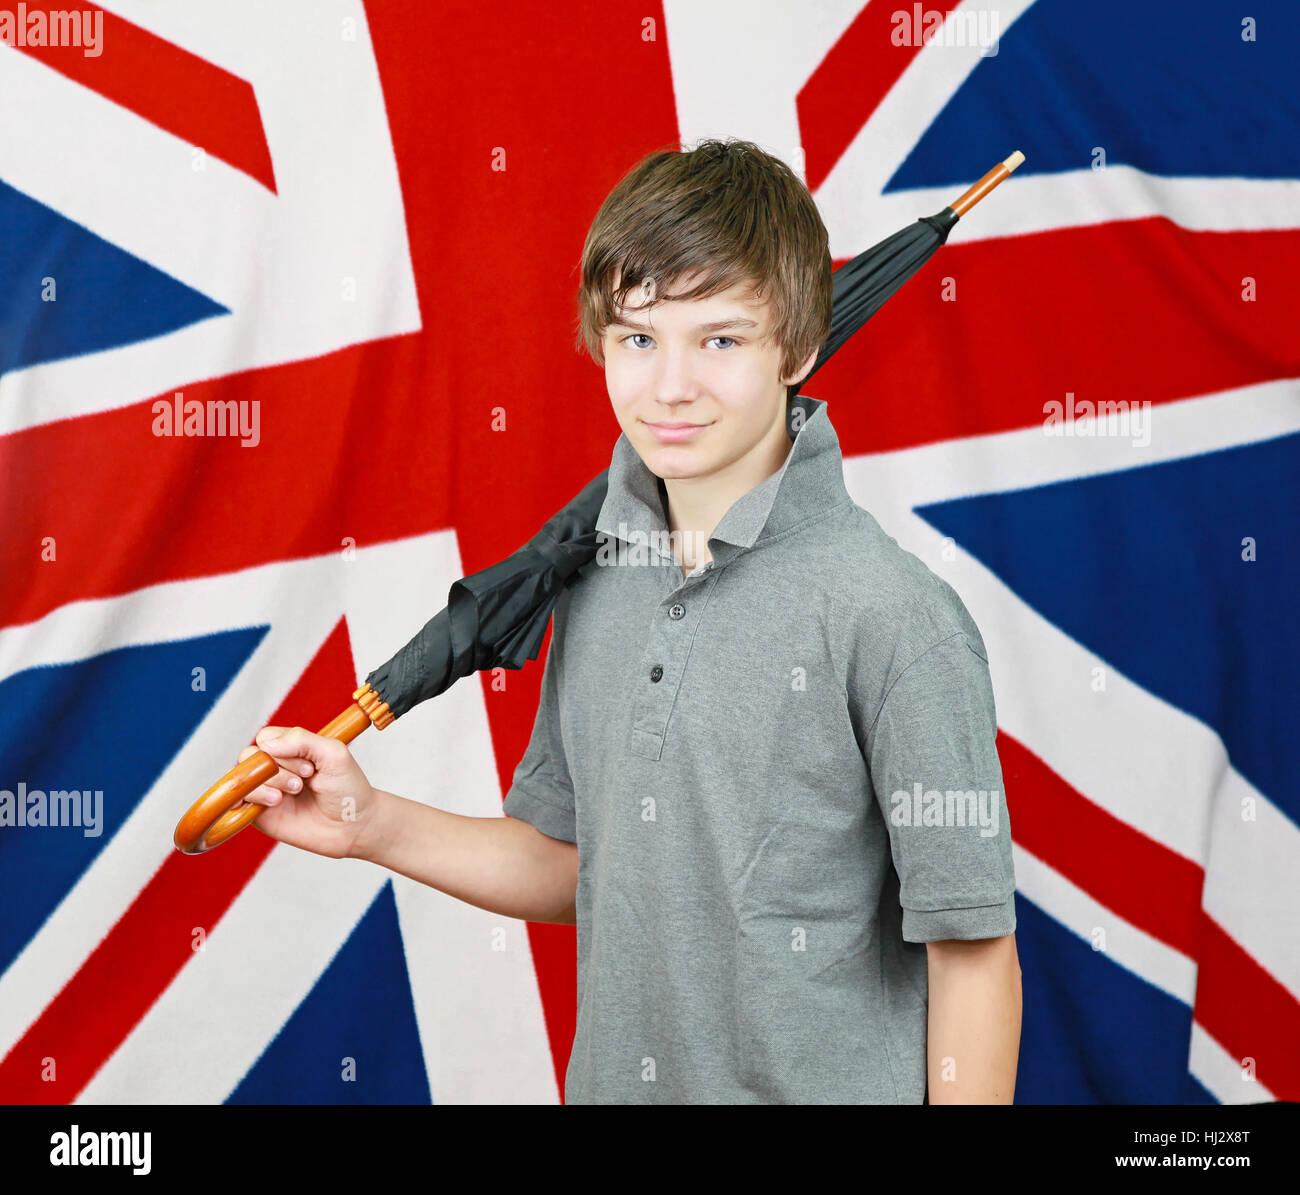 Regenschirm Flagge Teenager Britebritin Junge Junge Männliche